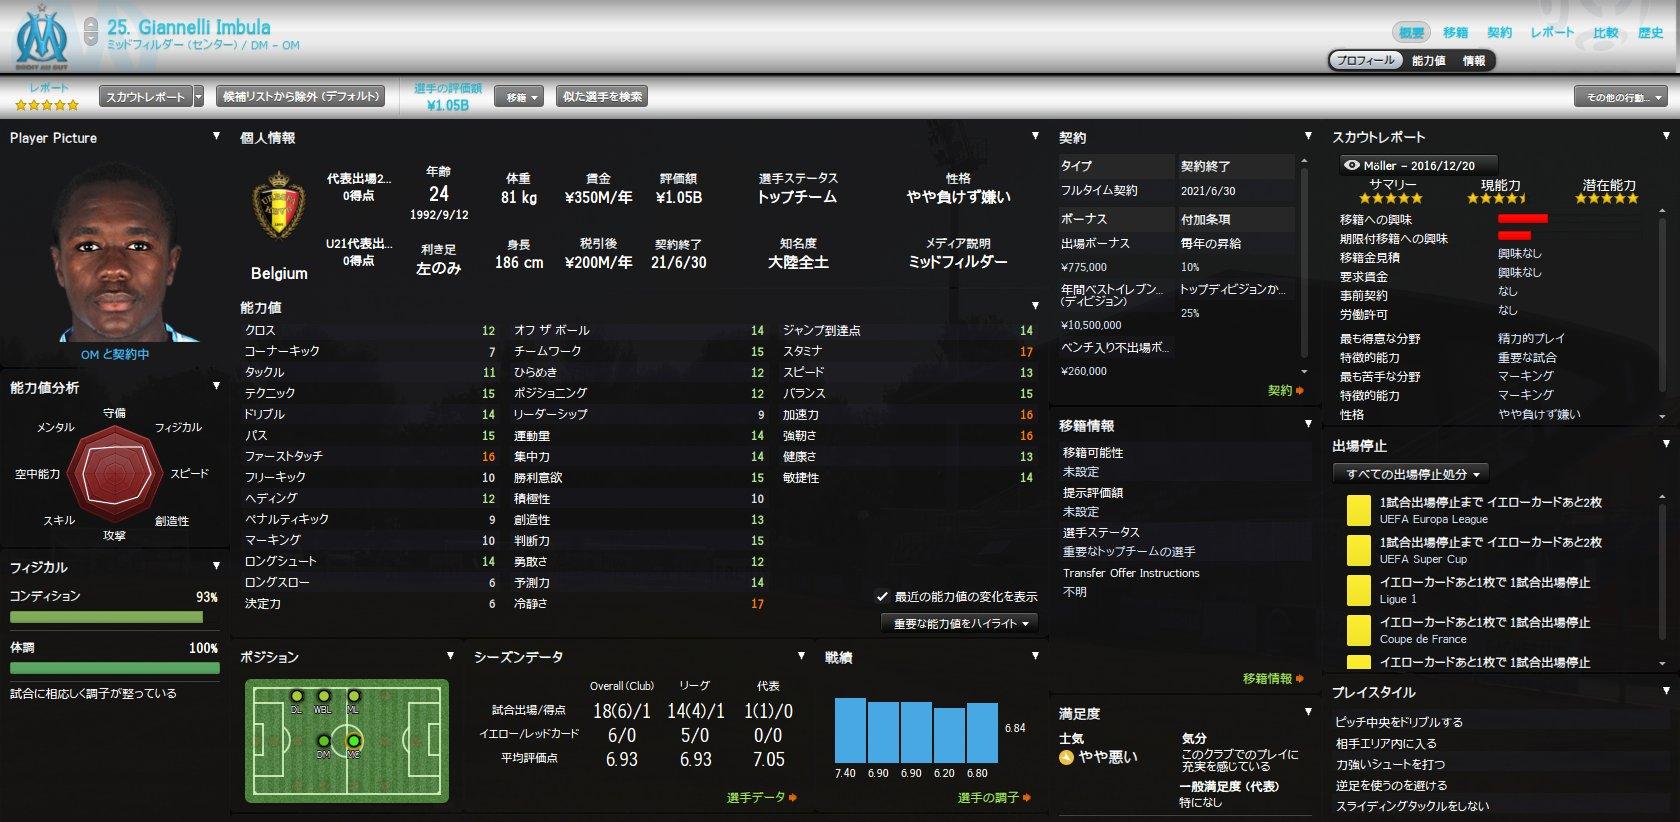 WS004809.jpg